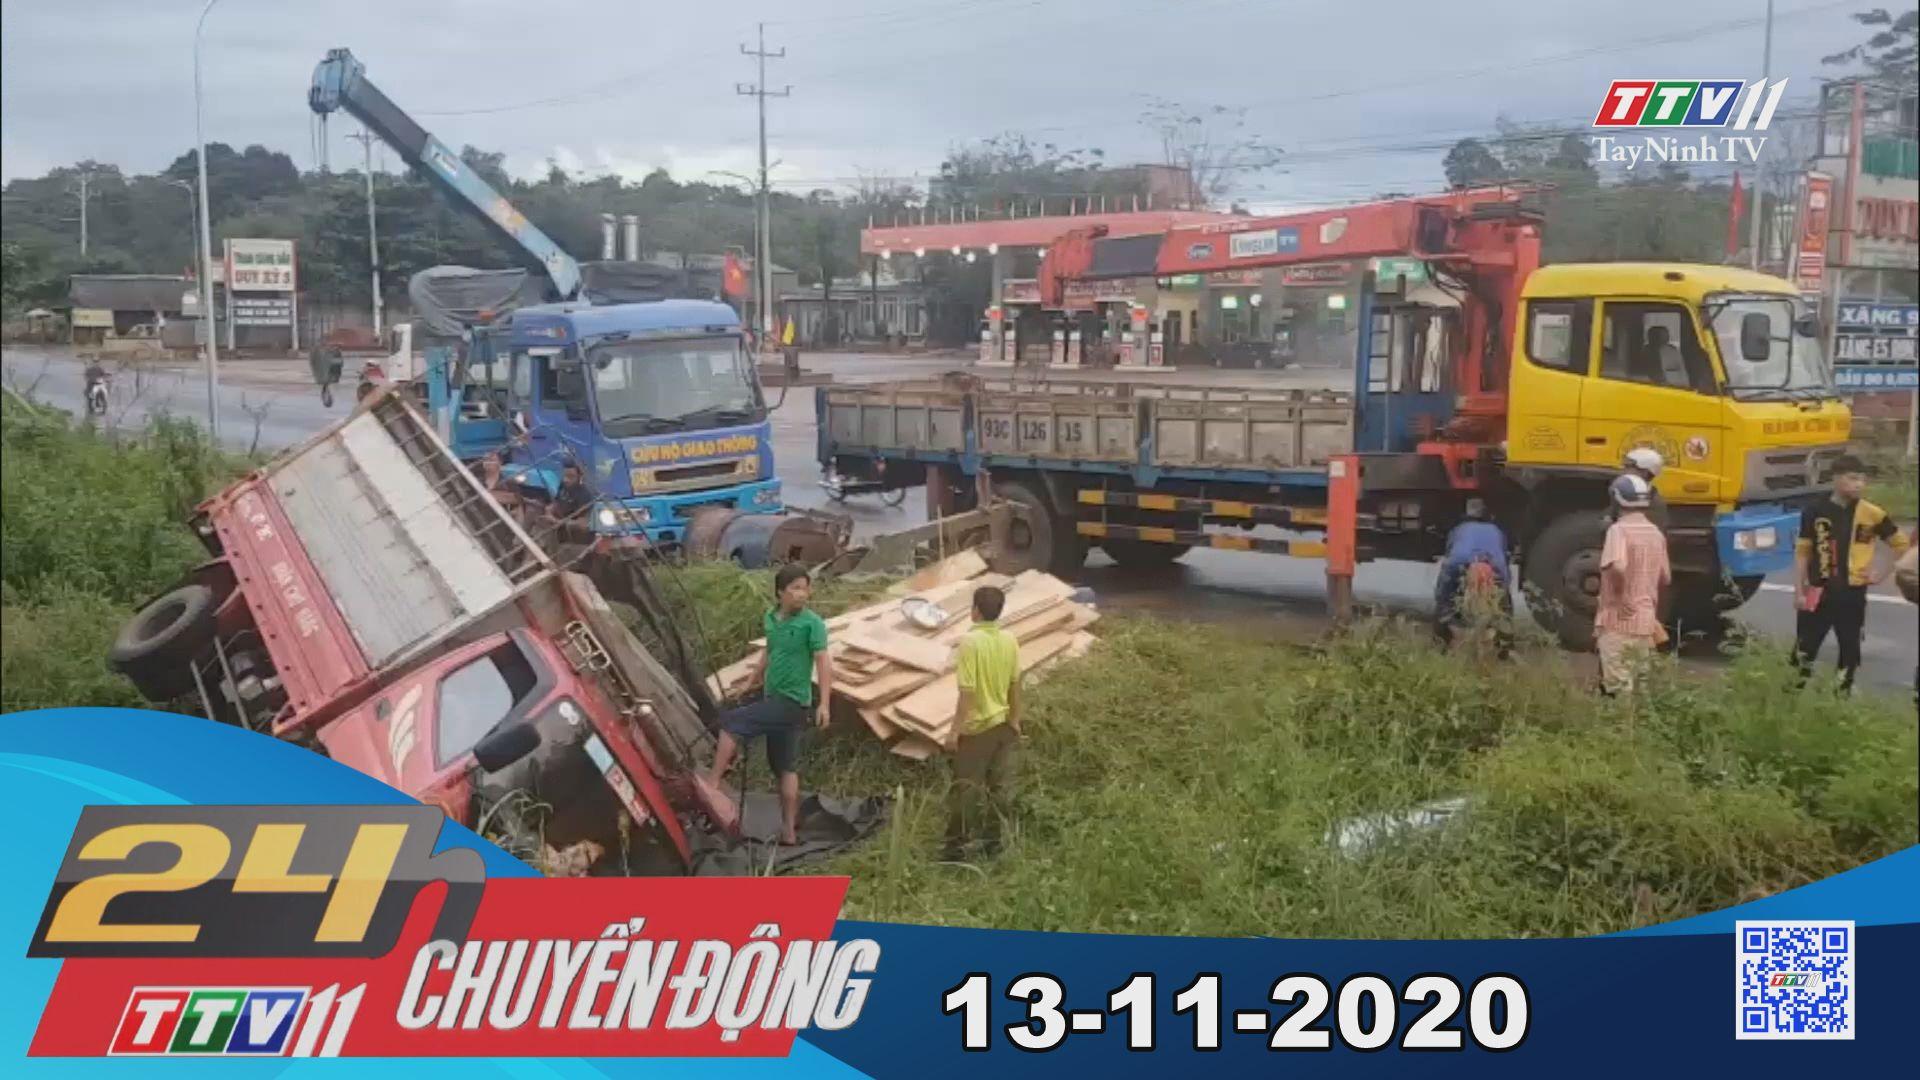 24h Chuyển động 13-11-2020 | Tin tức hôm nay | TayNinhTV